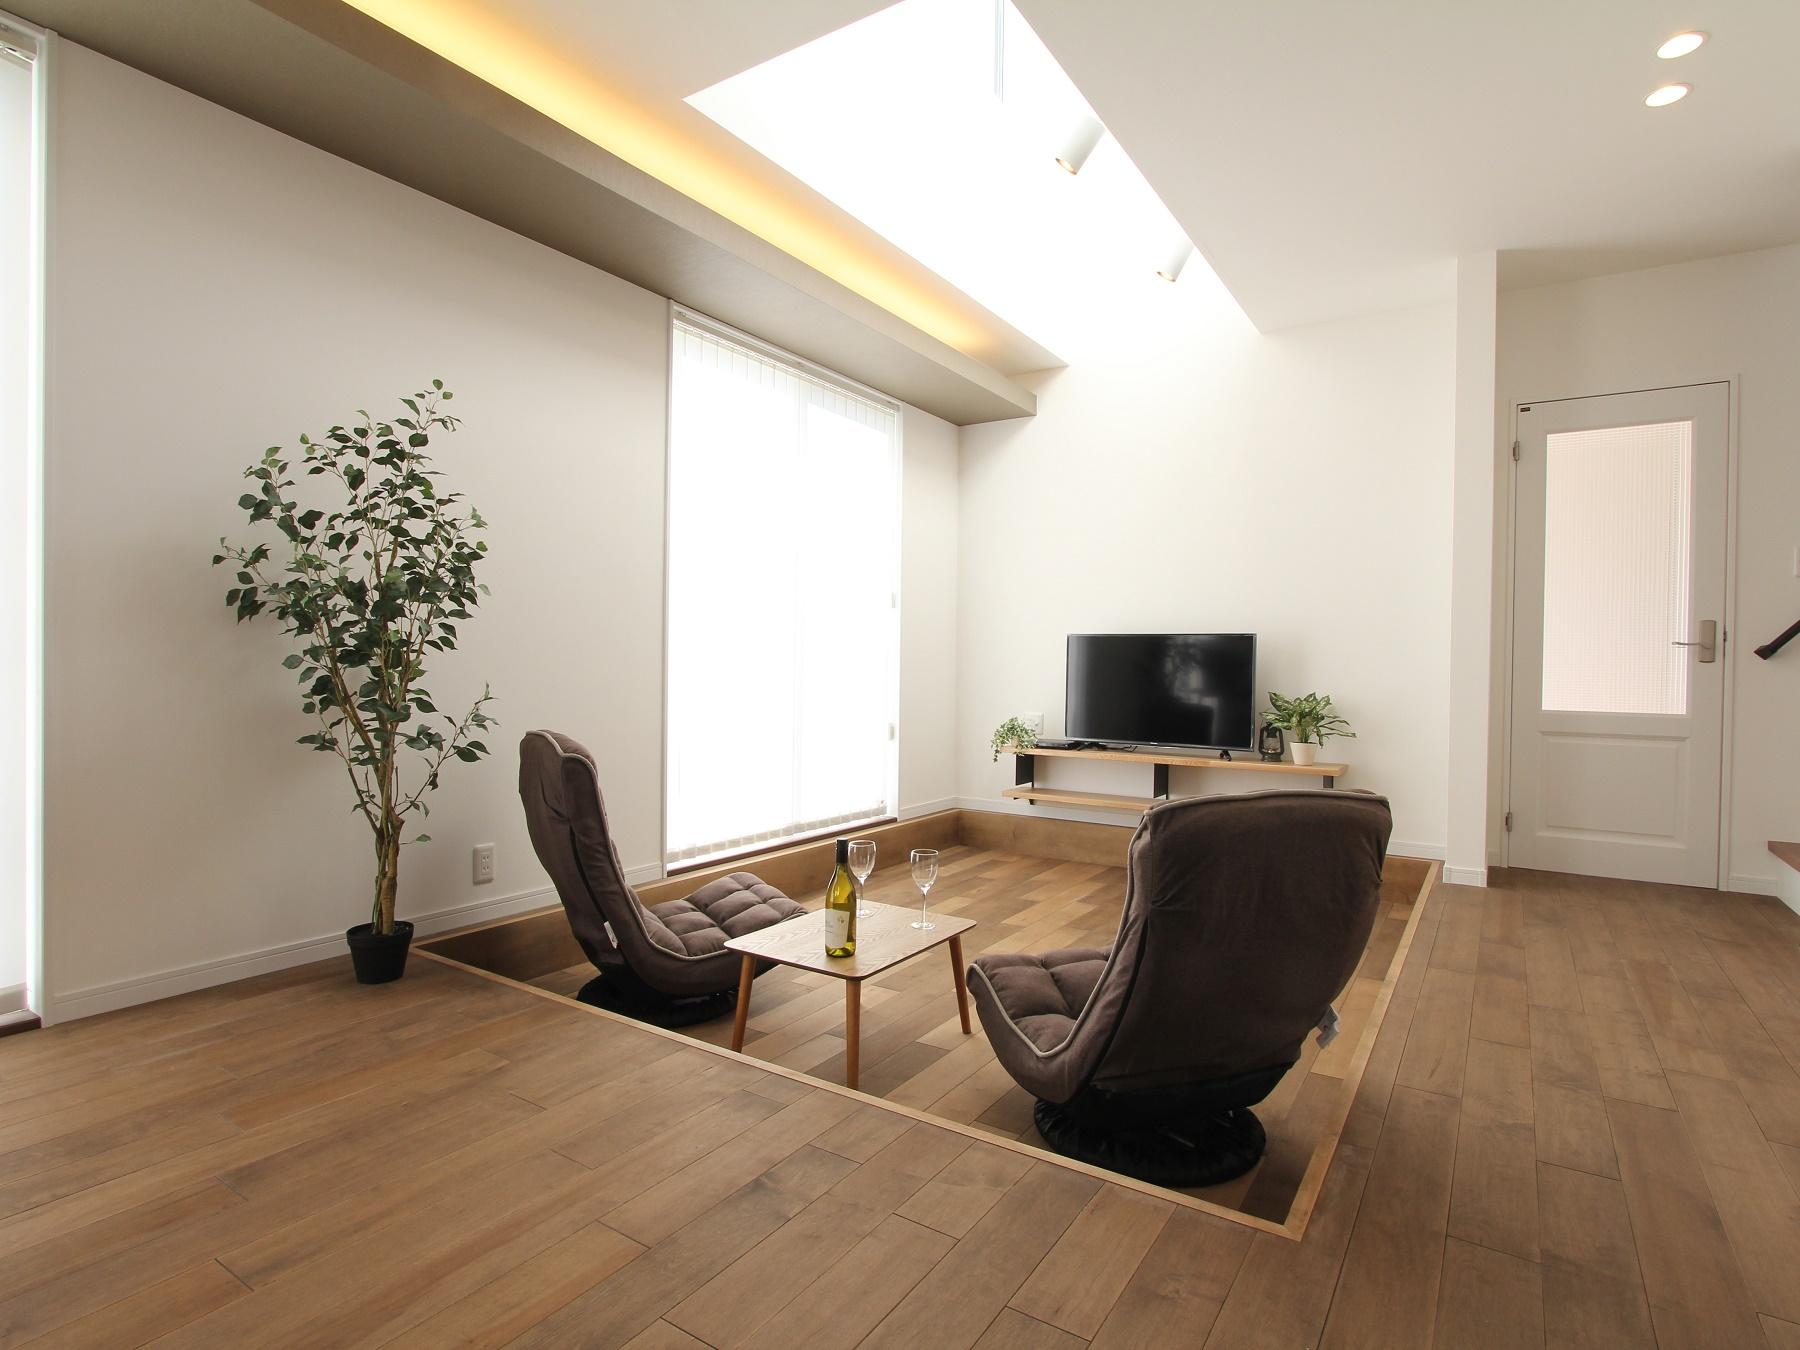 1階床レベルよりも20cm下げて、「くぼみ」をつくり、適度に独立した空間を作り出します。家族が自然に集まり、つながる空間です。